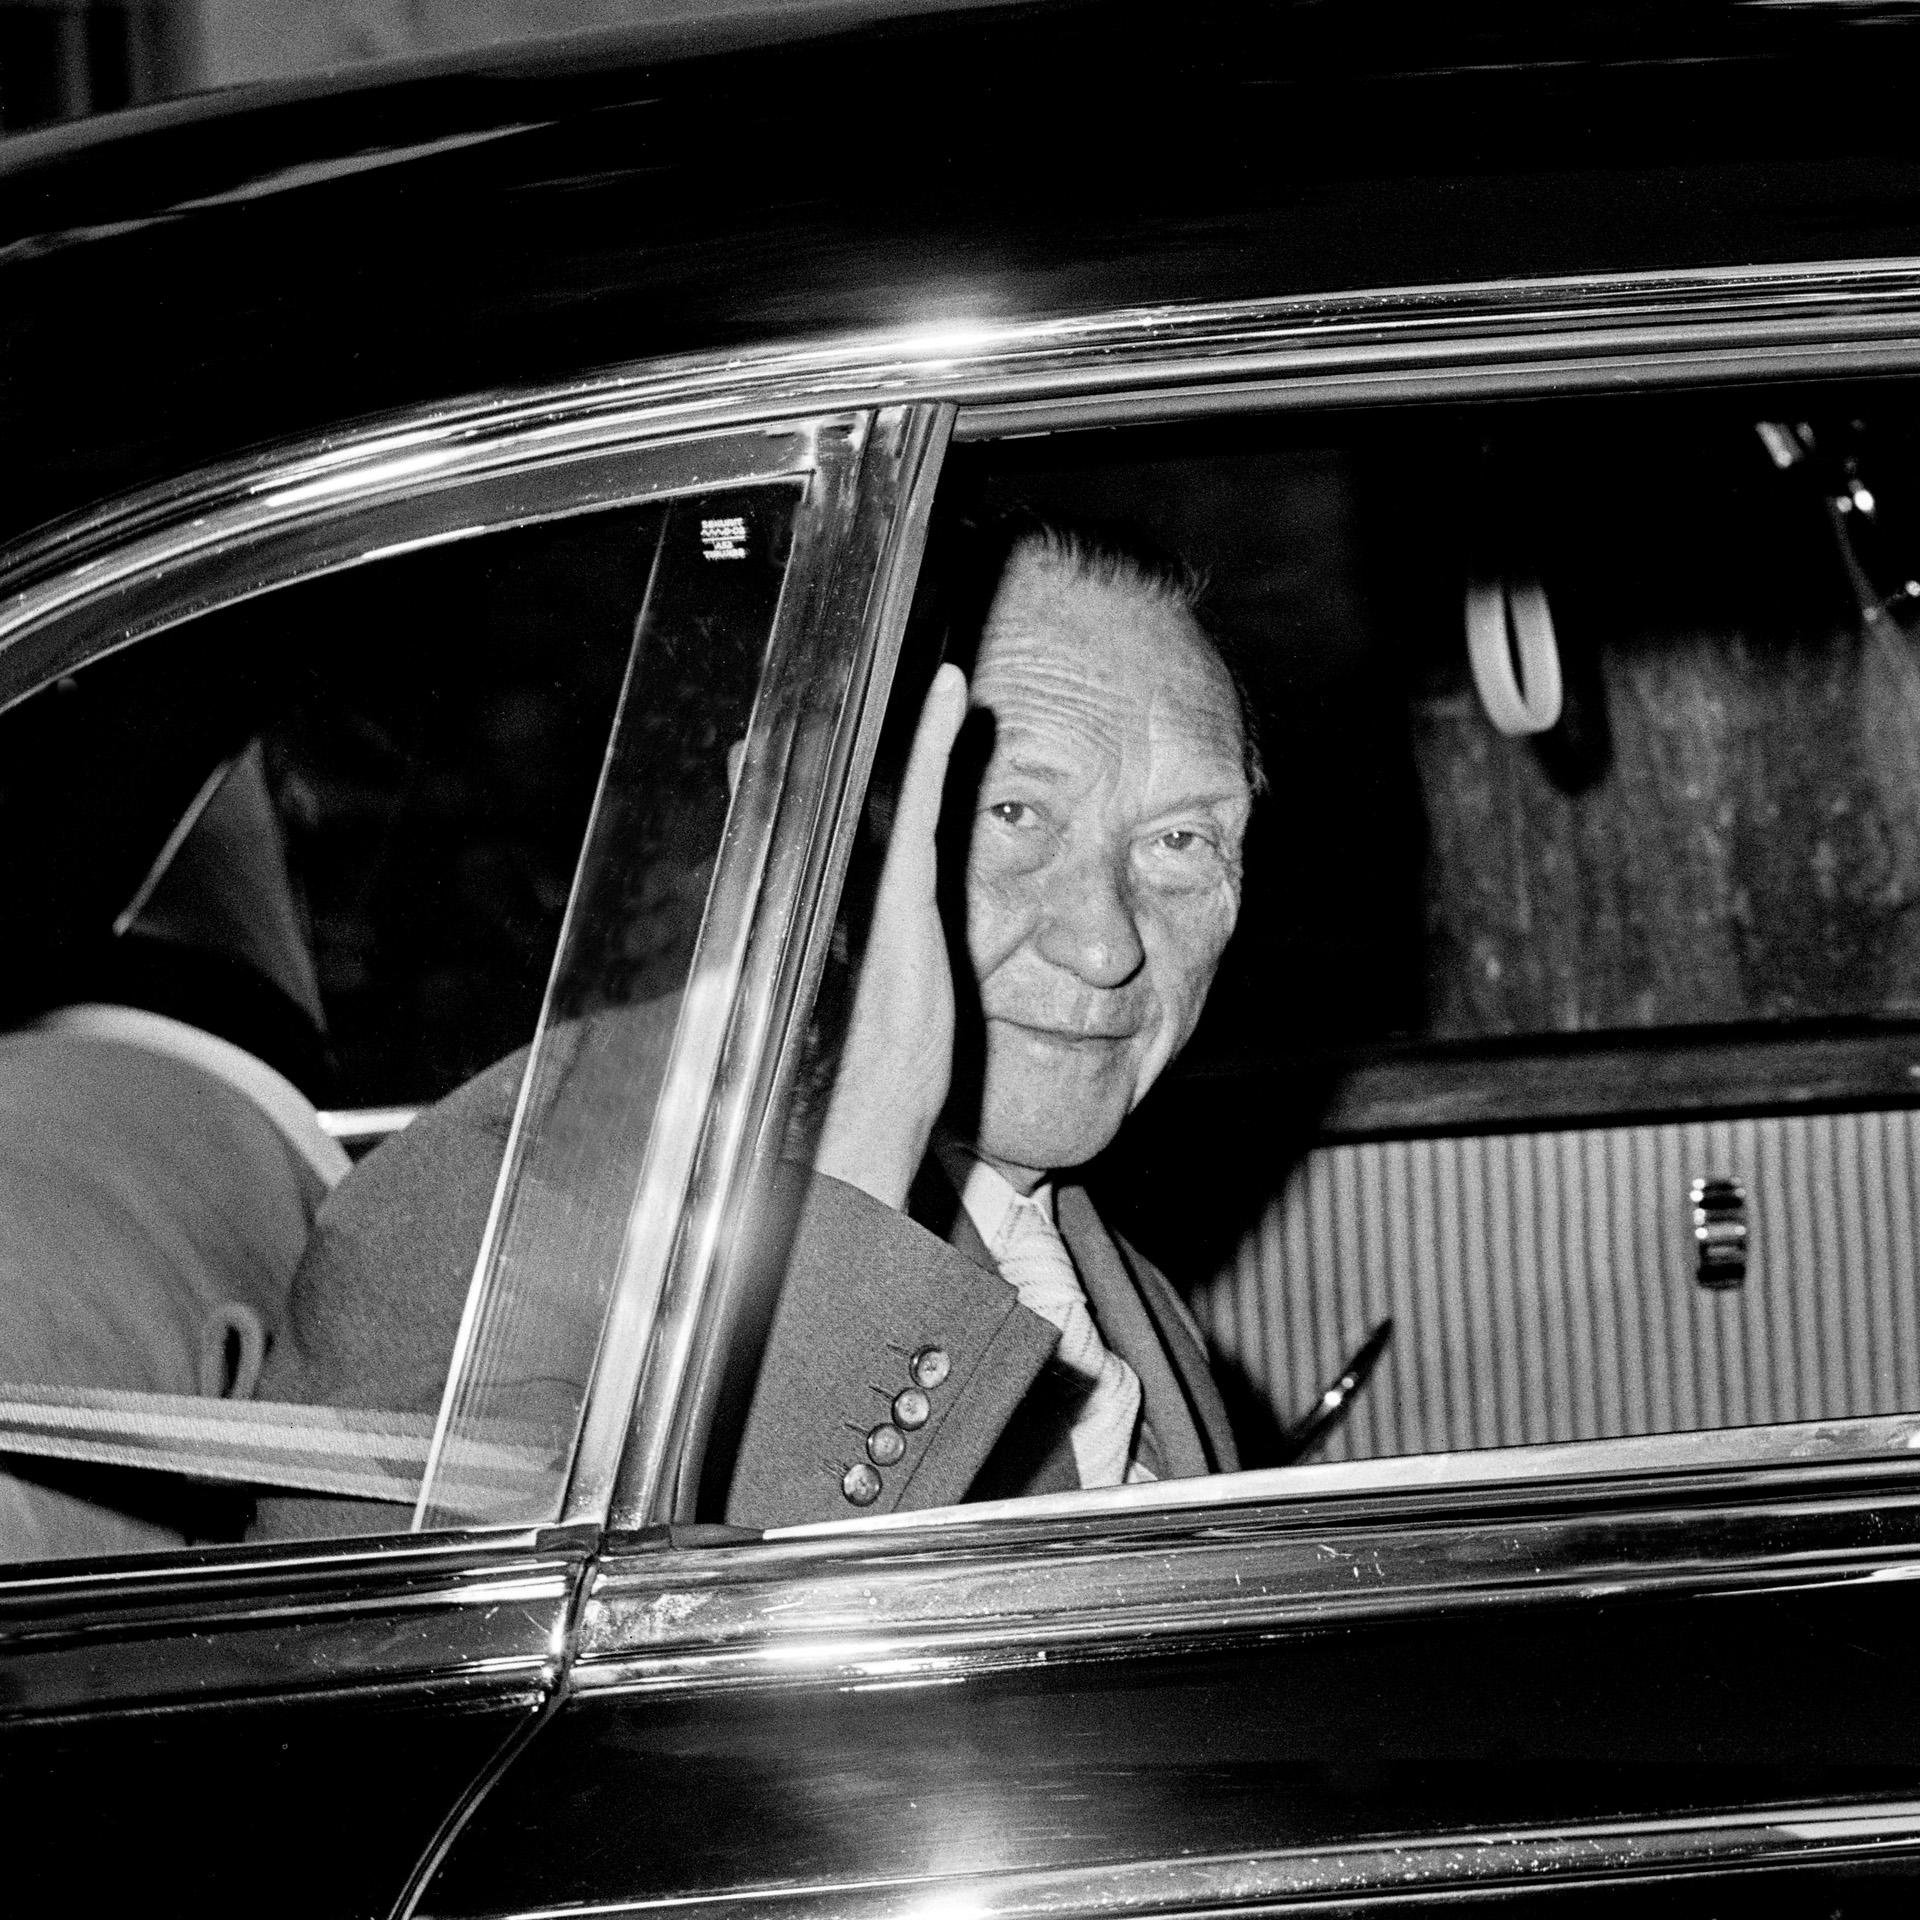 Konrad Adenauer in einem Mercedes-Benz 300 c (W 186) mit langem Radstand. Der frühere deutsche Bundeskanzler nutzt von 1951 bis 1963 ununterbrochen Repräsentationslimousinen des Typs als Dienstwagen sowie darüber hinaus als Privatmann. Sein letzter Dienstwagen ist heute im Mercedes-Benz Museum zu sehen. Foto aus den 1950er-Jahren. Copyright: Konrad-Adenauer-Stiftung e.V., Giuseppe Moro.